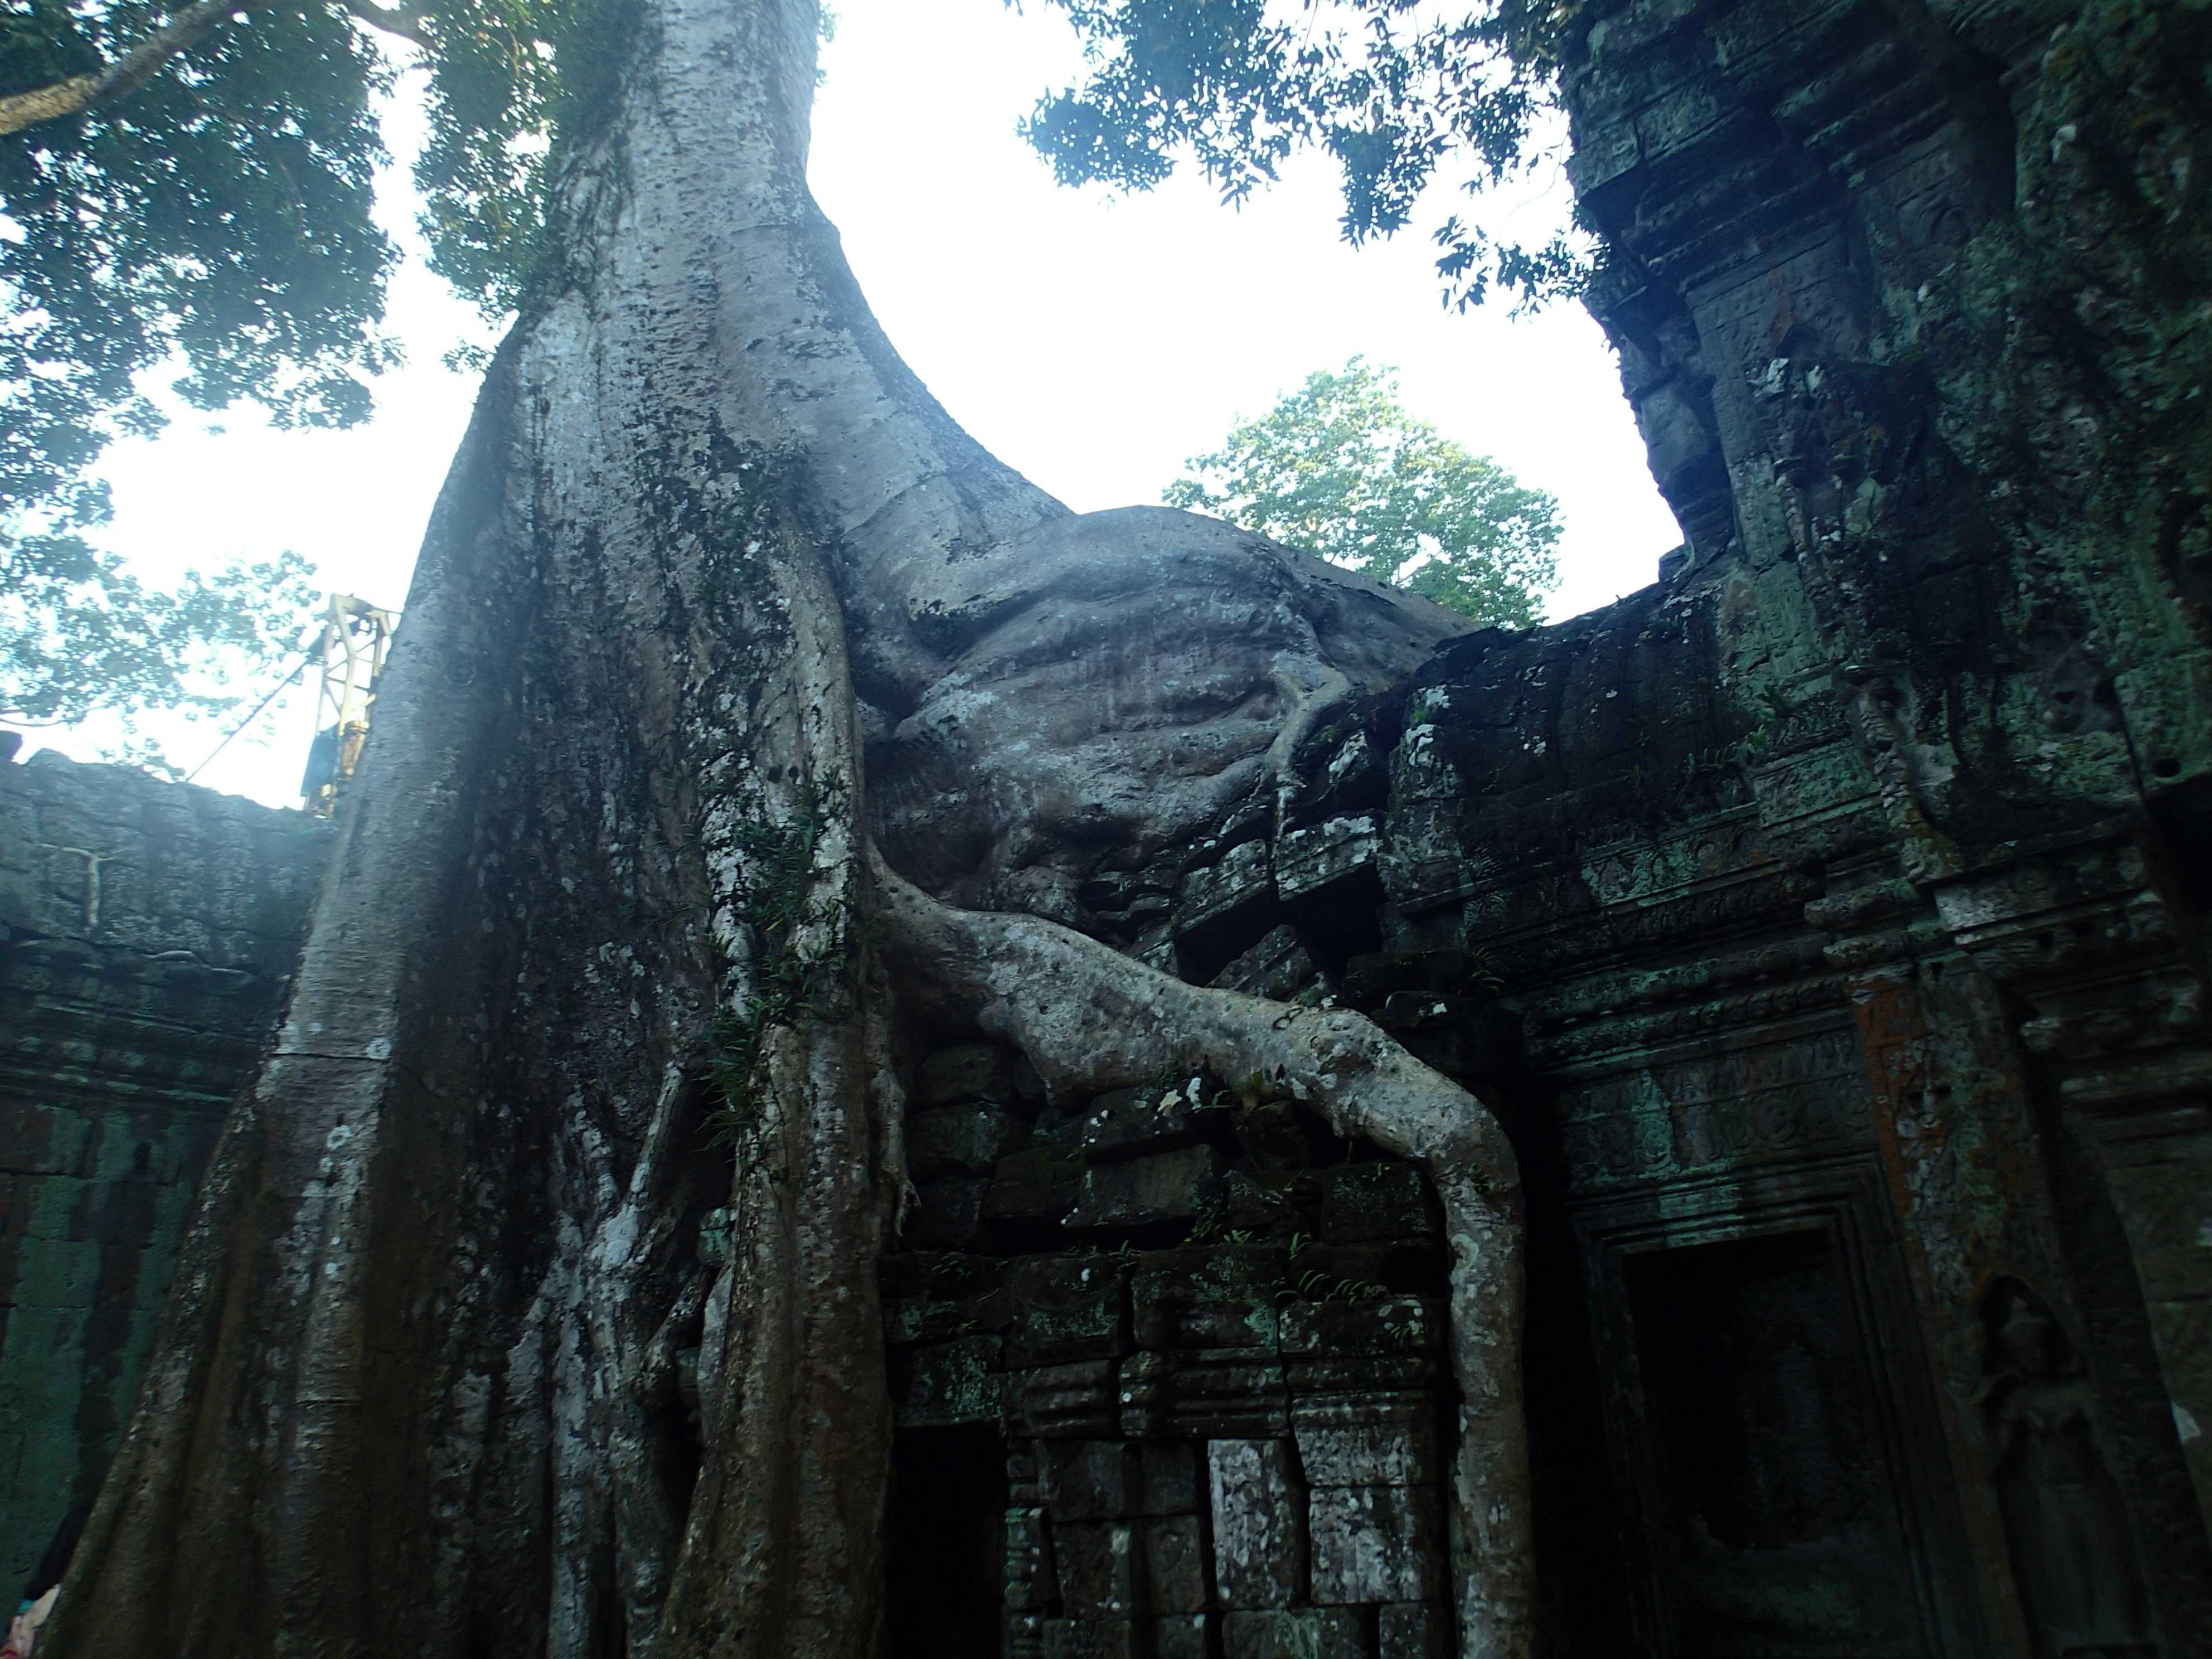 tree-temple3